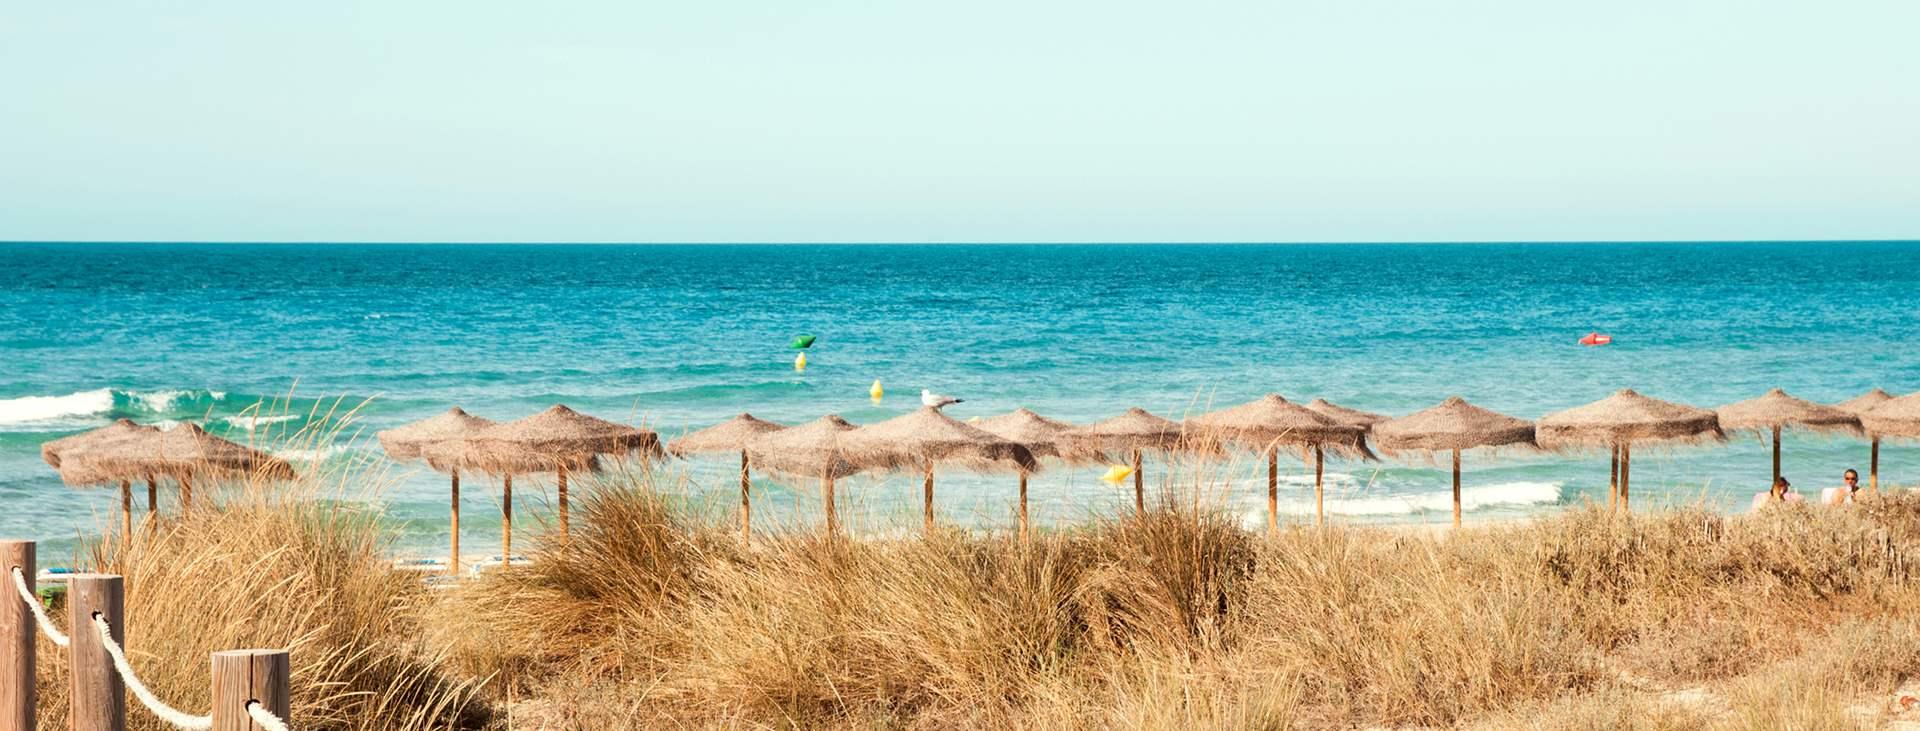 Bestill en reise med Ving til Son Bou på Menorca